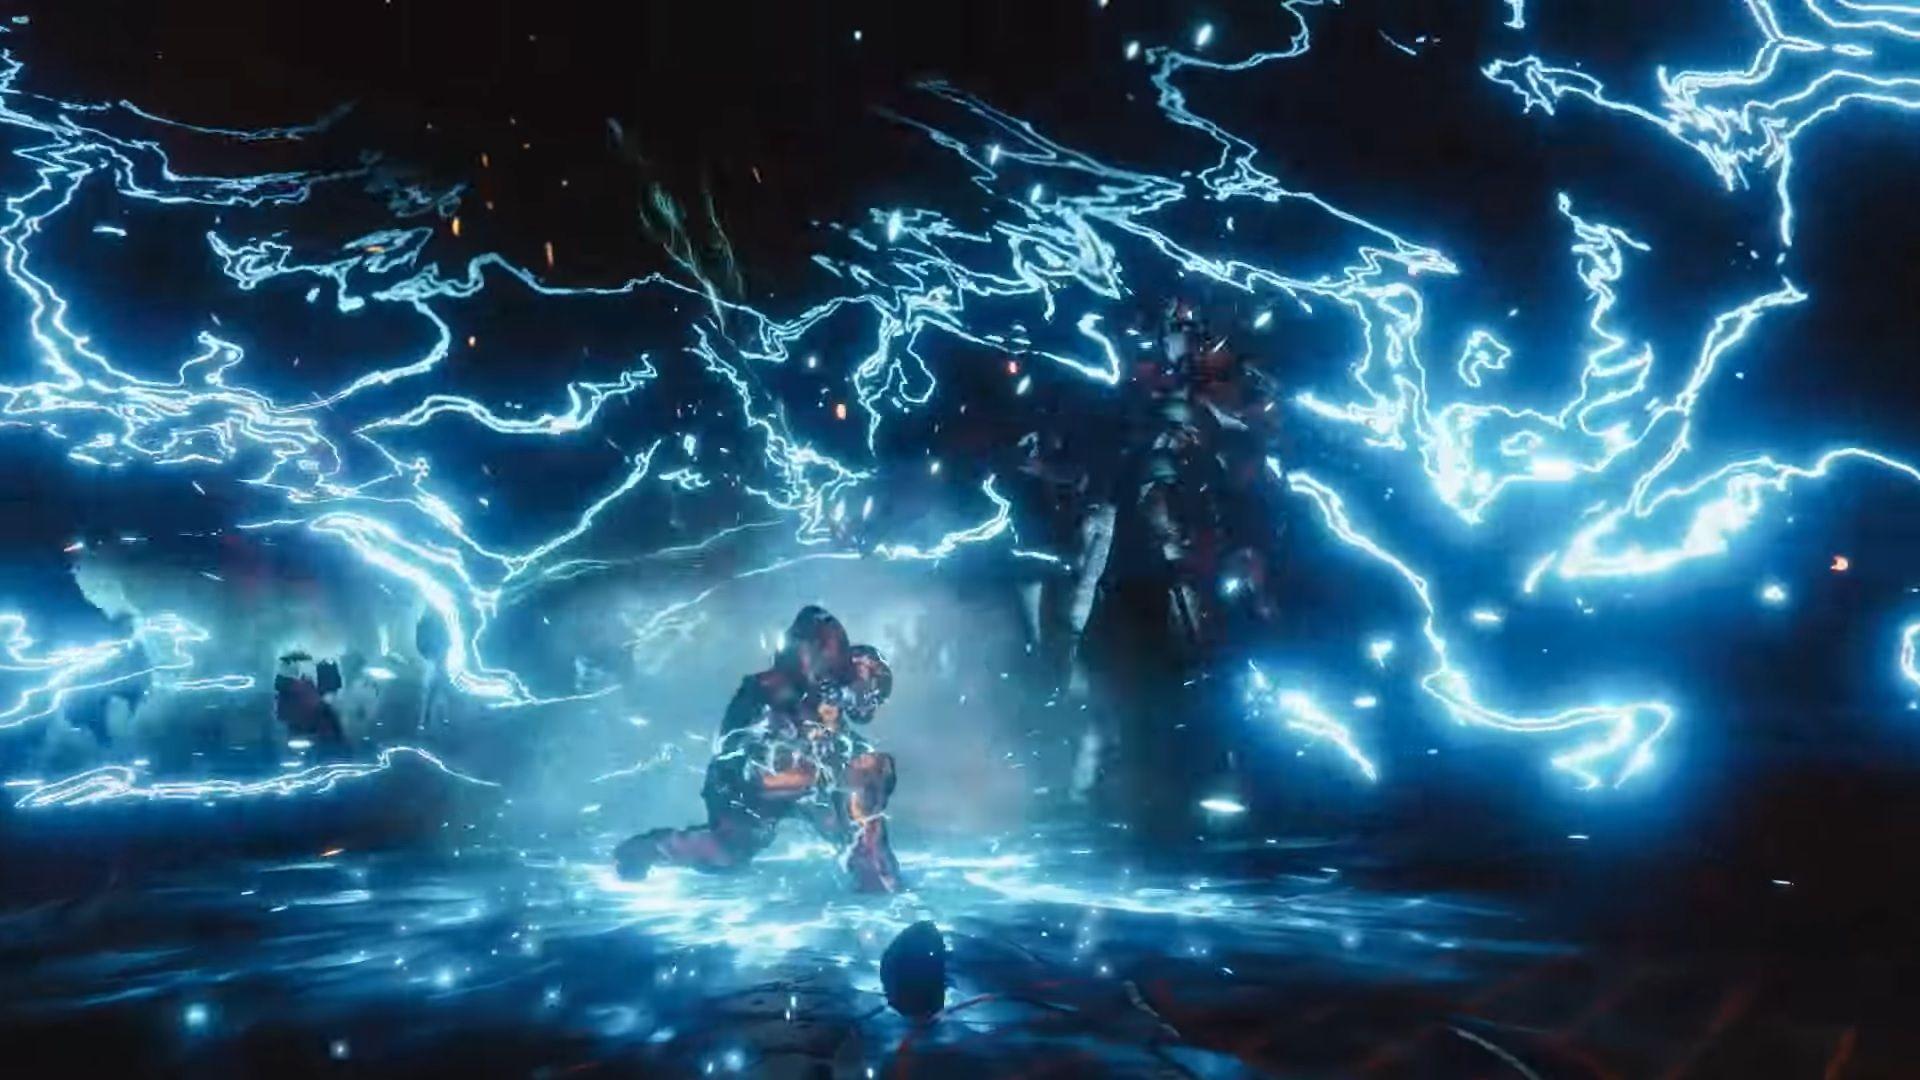 Destiny 2: Every New Super Ability Coming in Forsaken Revealed